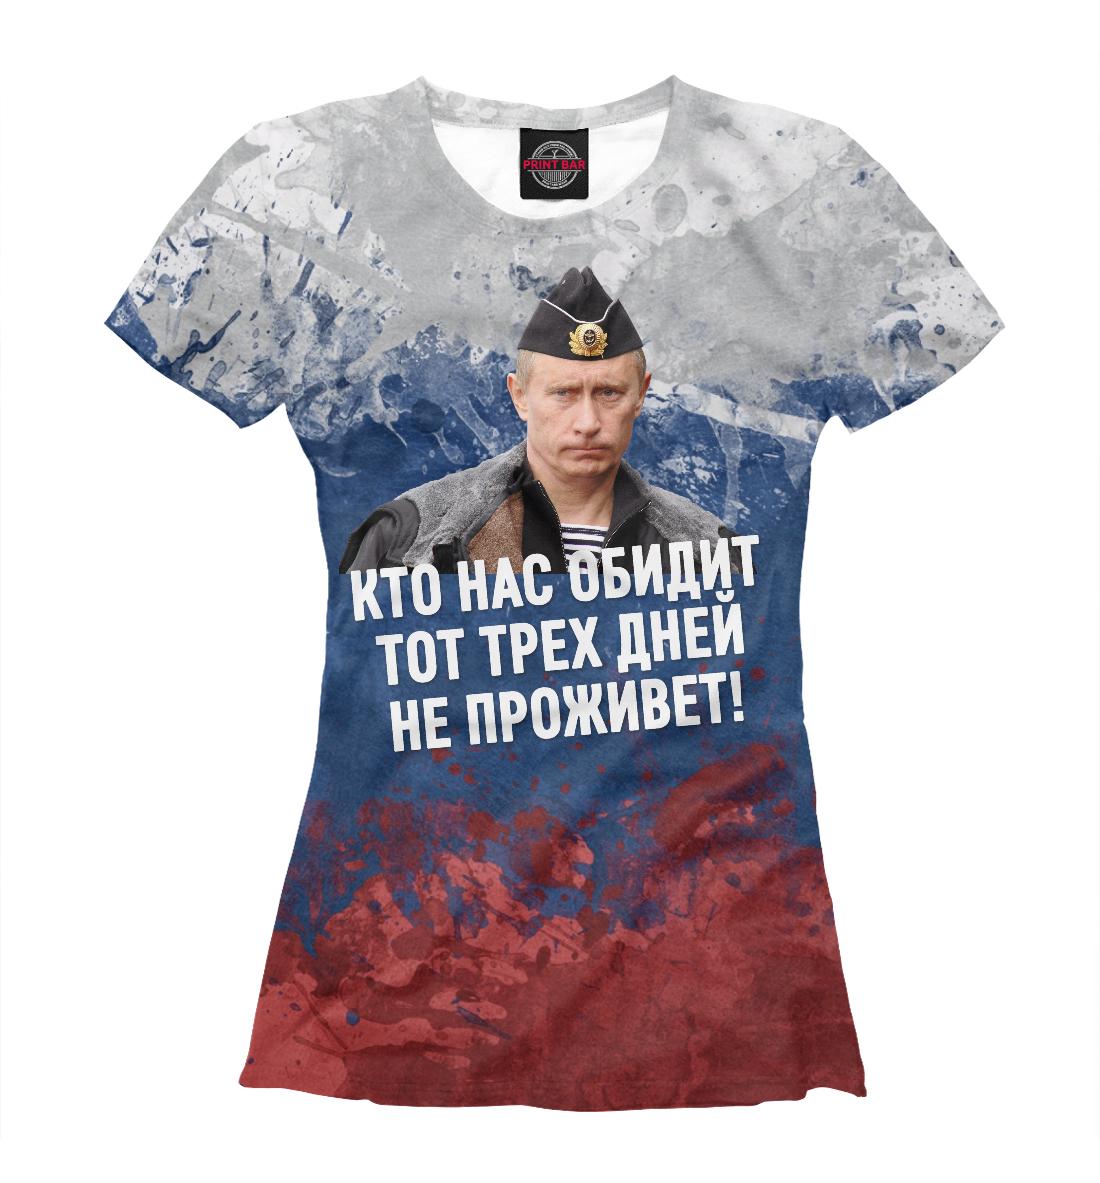 Купить Путин, Printbar, Футболки, PUT-403796-fut-1